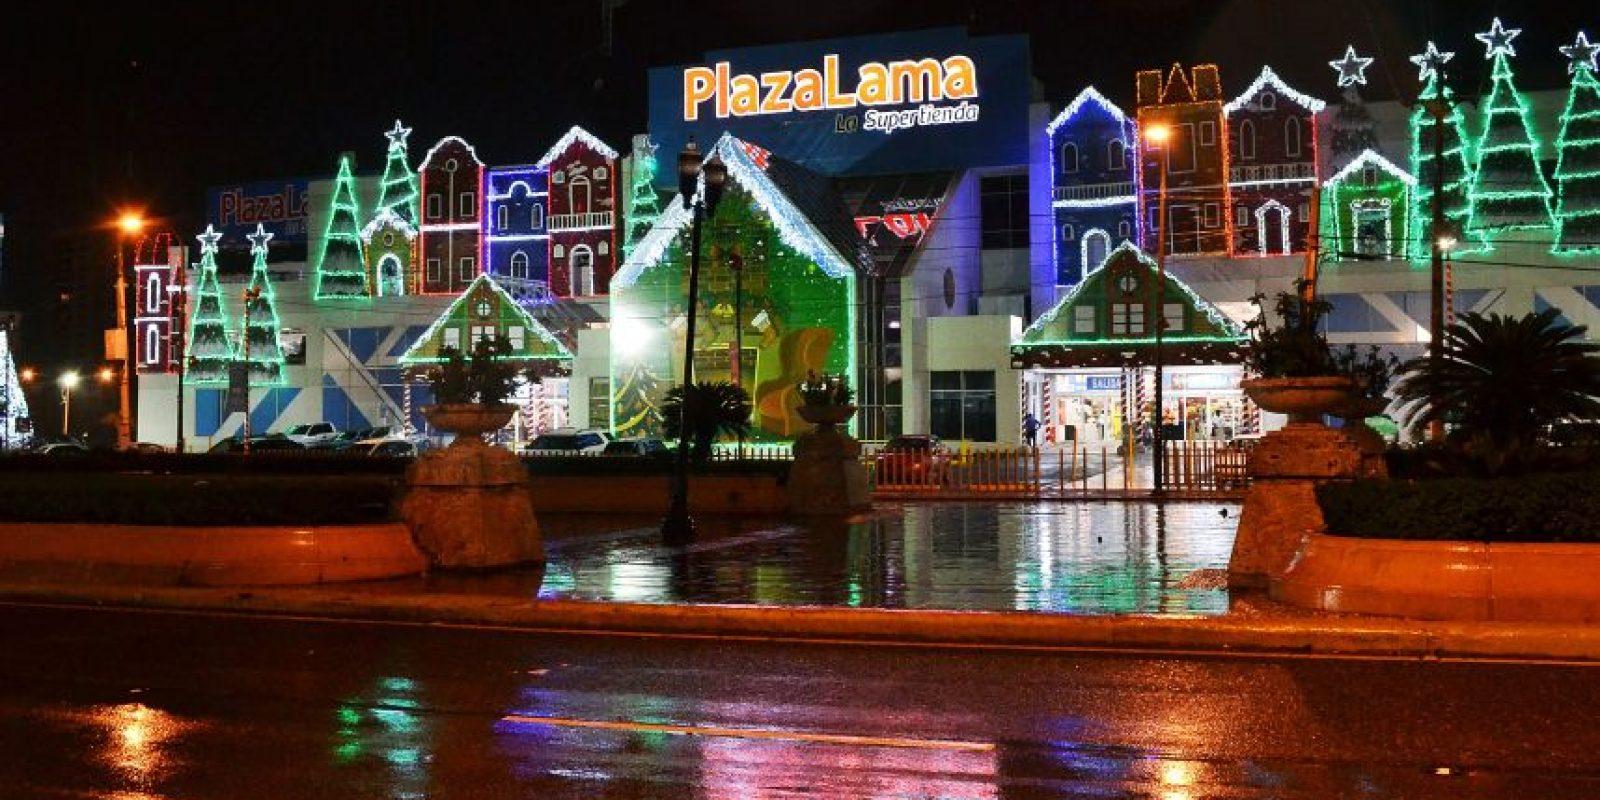 Las luces iluminan el local de Plaza Lama en la 27 de Febrero con Winston Churchill. Foto:Mario De Peña